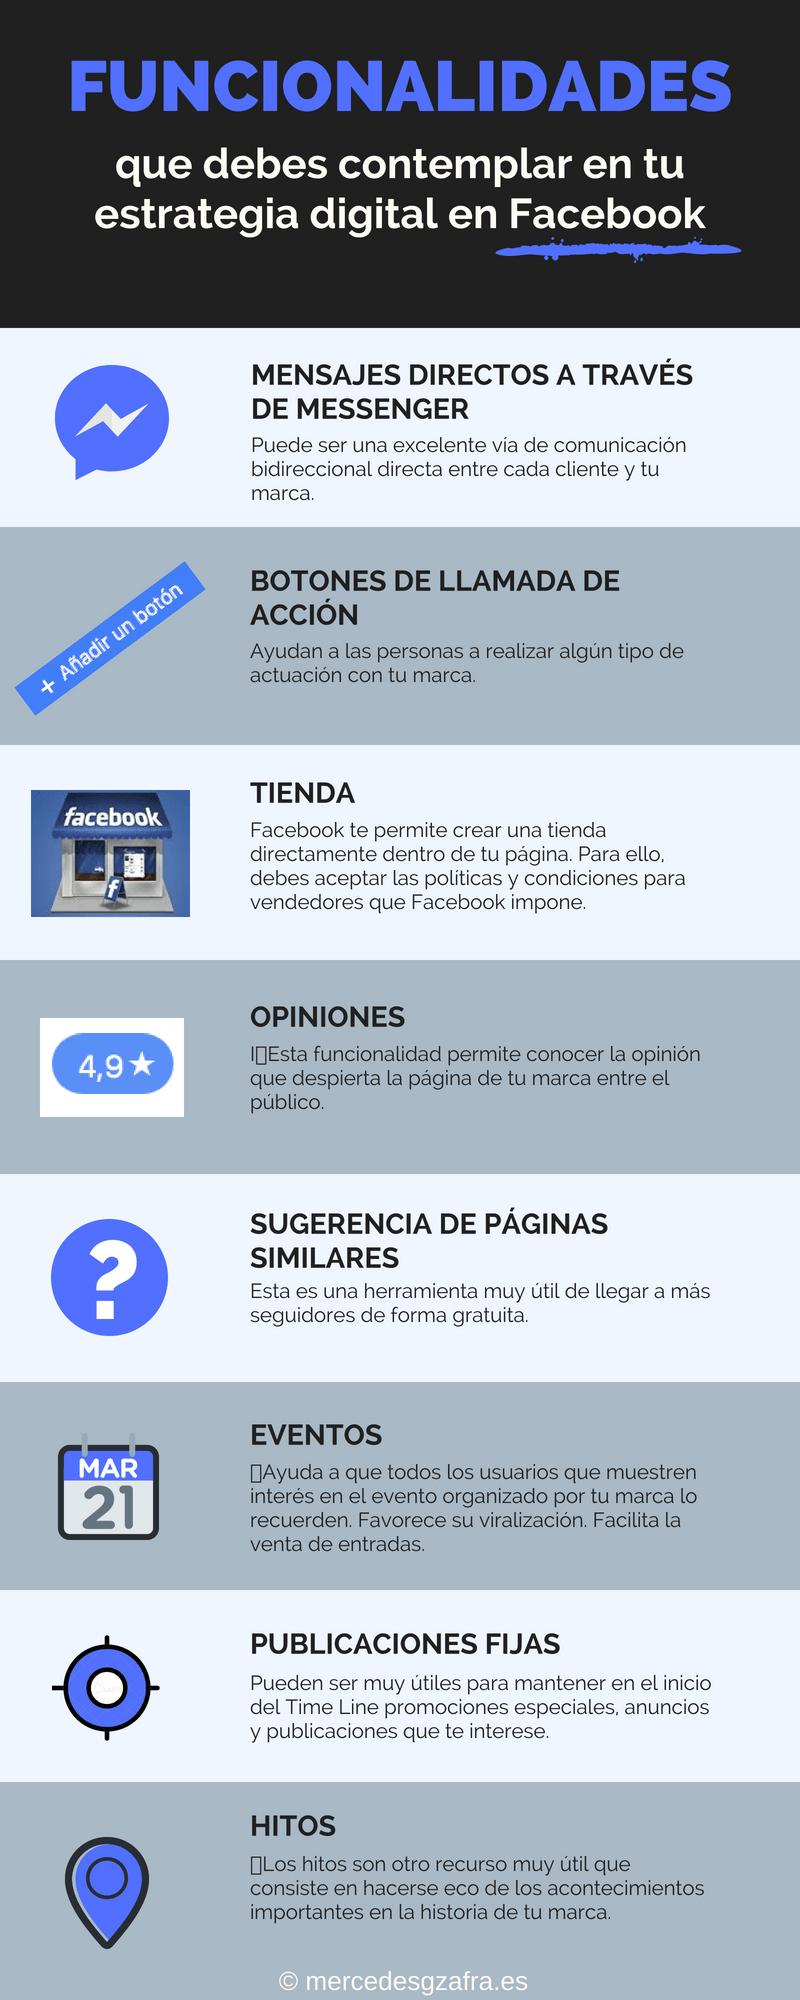 Funcionalidades de Facebook para tu Estrategia Digital